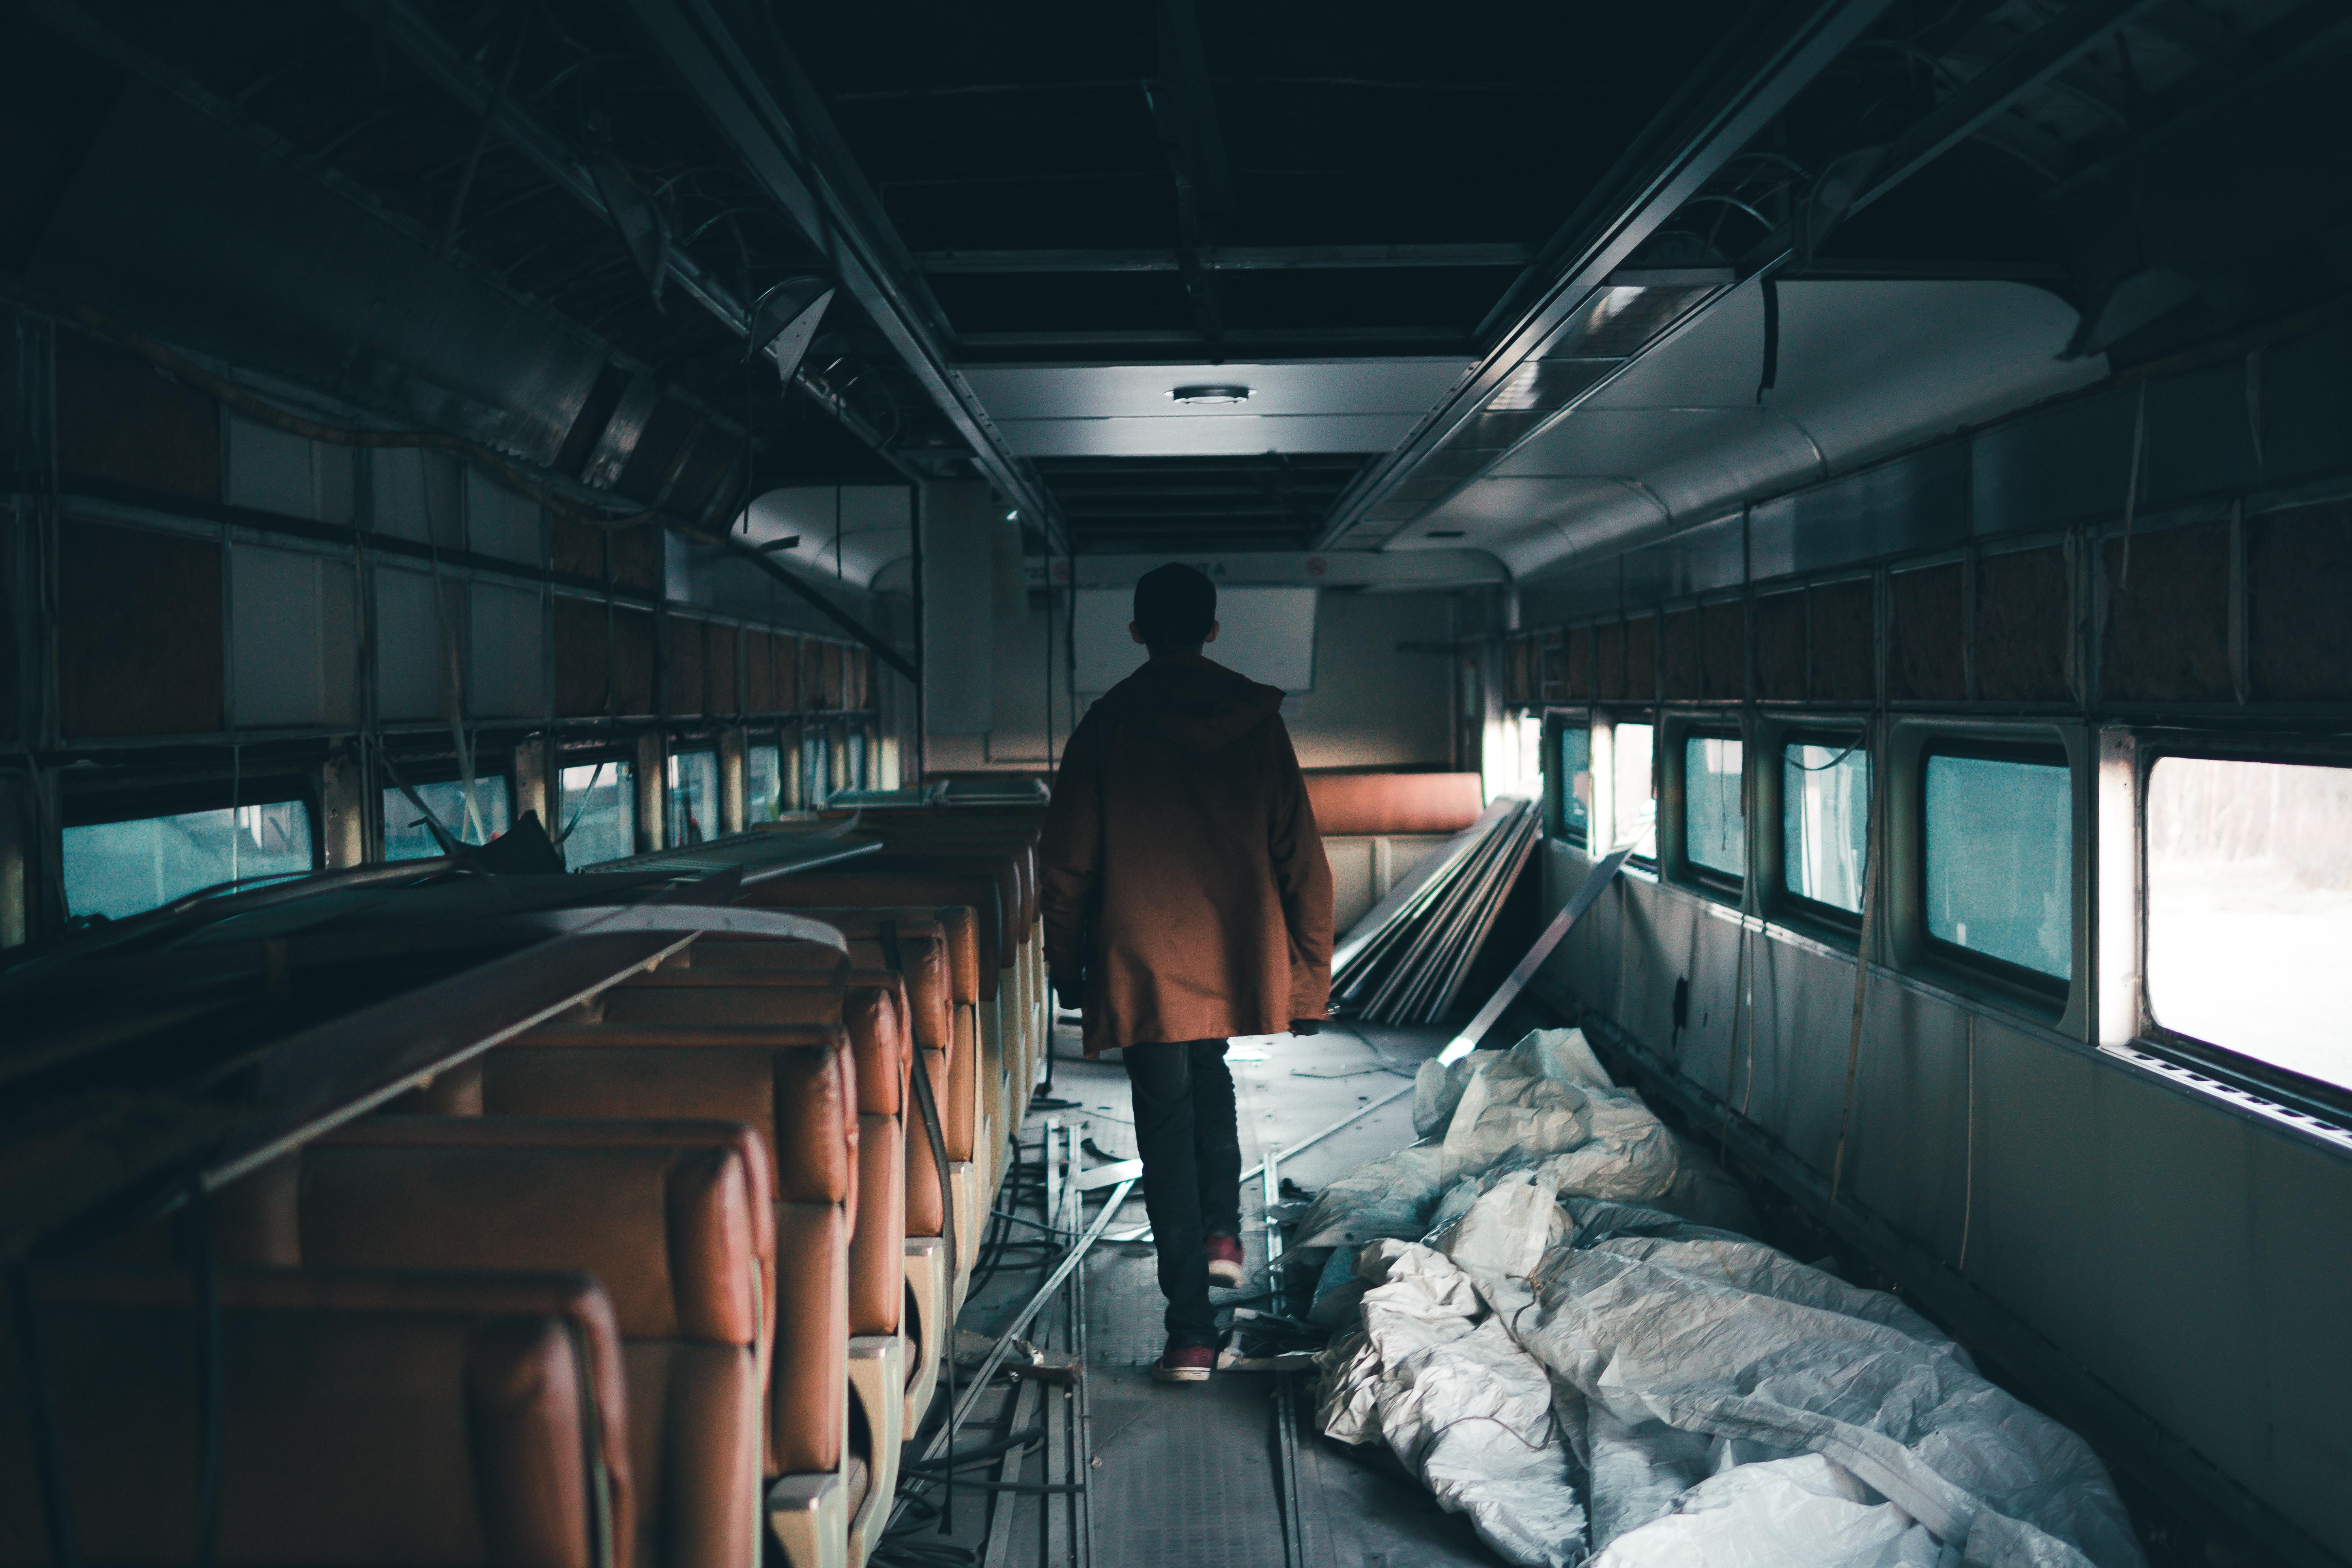 person walking inside train